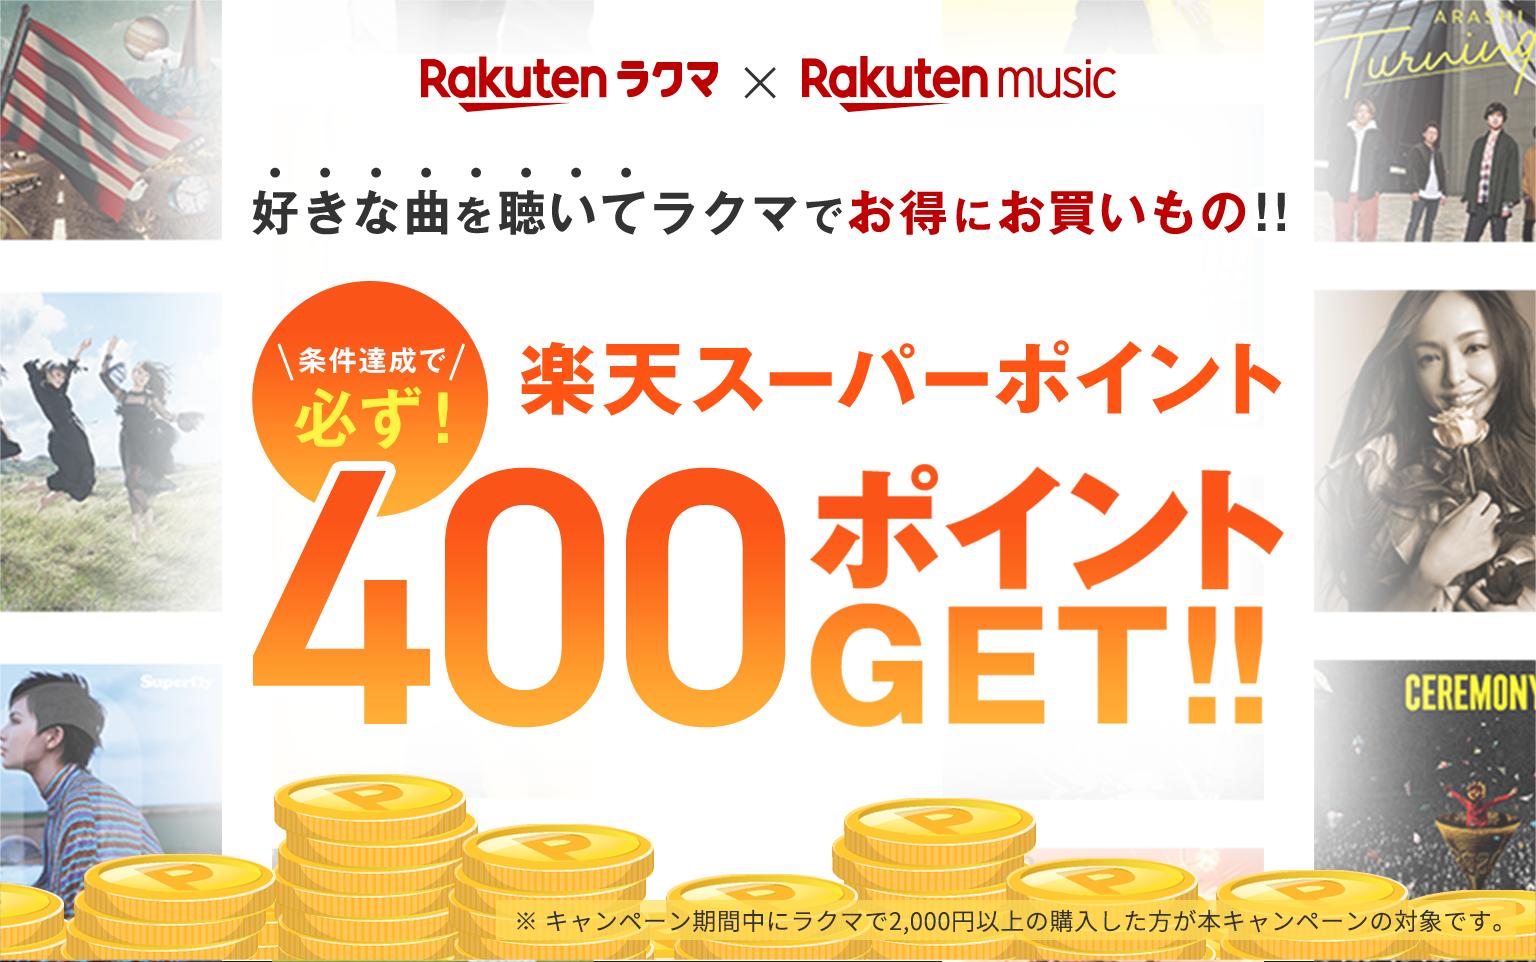 《ラクマ×楽天ミュージック》条件達成で楽天スーパーポイント400ポイント!